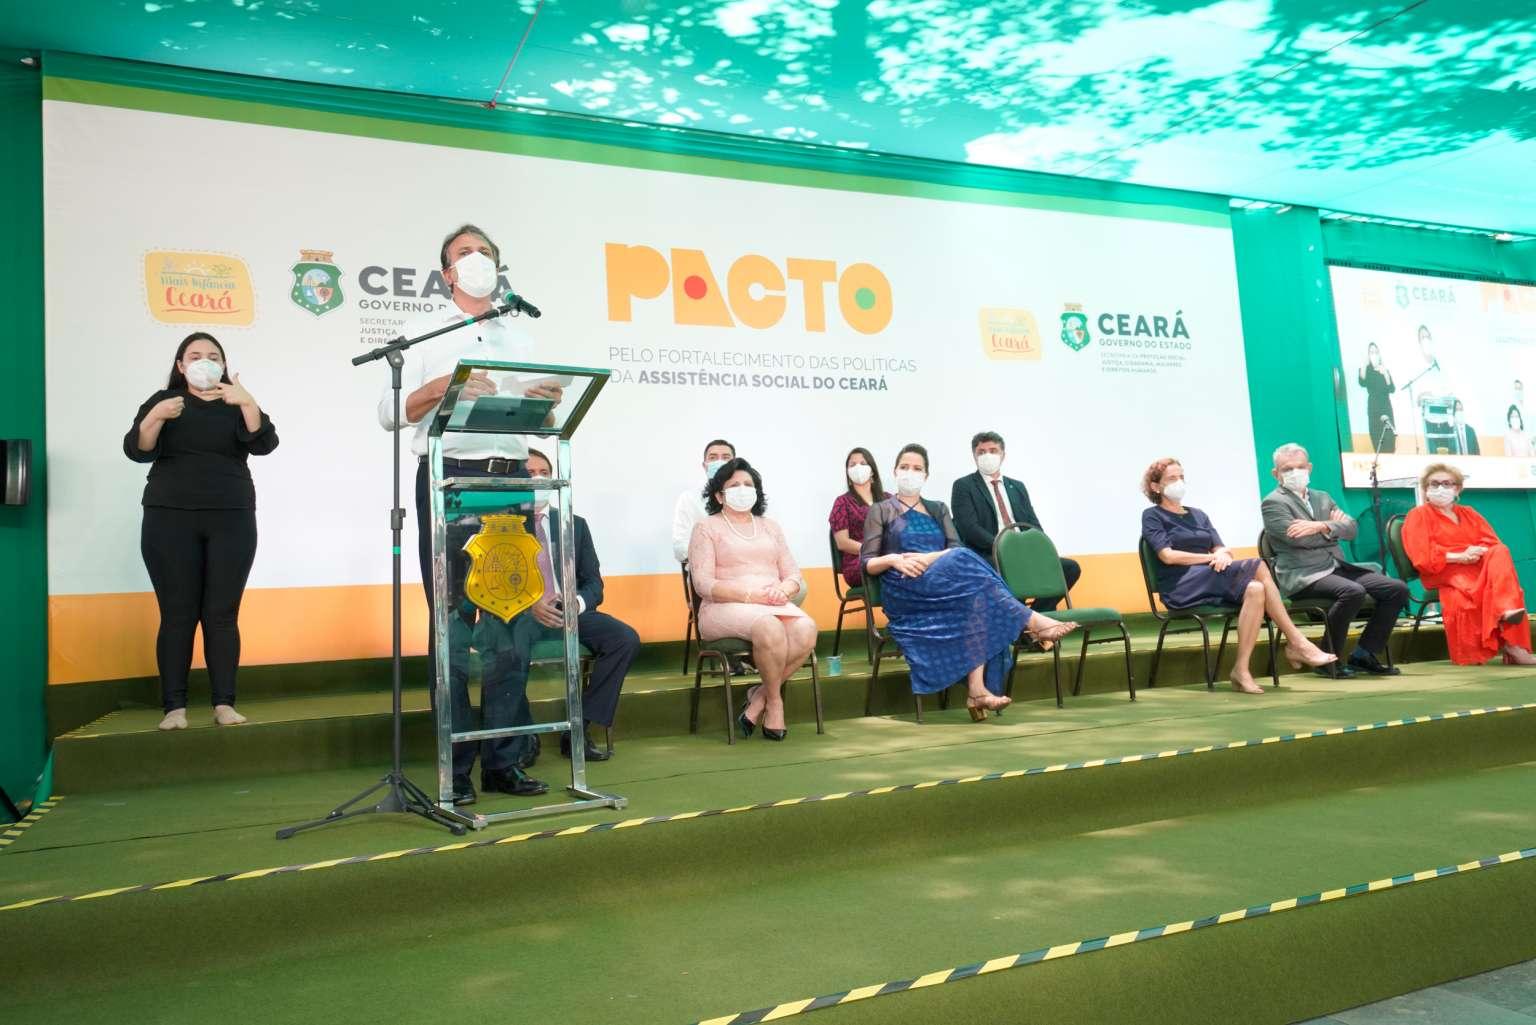 Com investimento superior a R$ 72 milhões, Pacto fortalece políticas da Assistência Social em todos os municípios cearenses